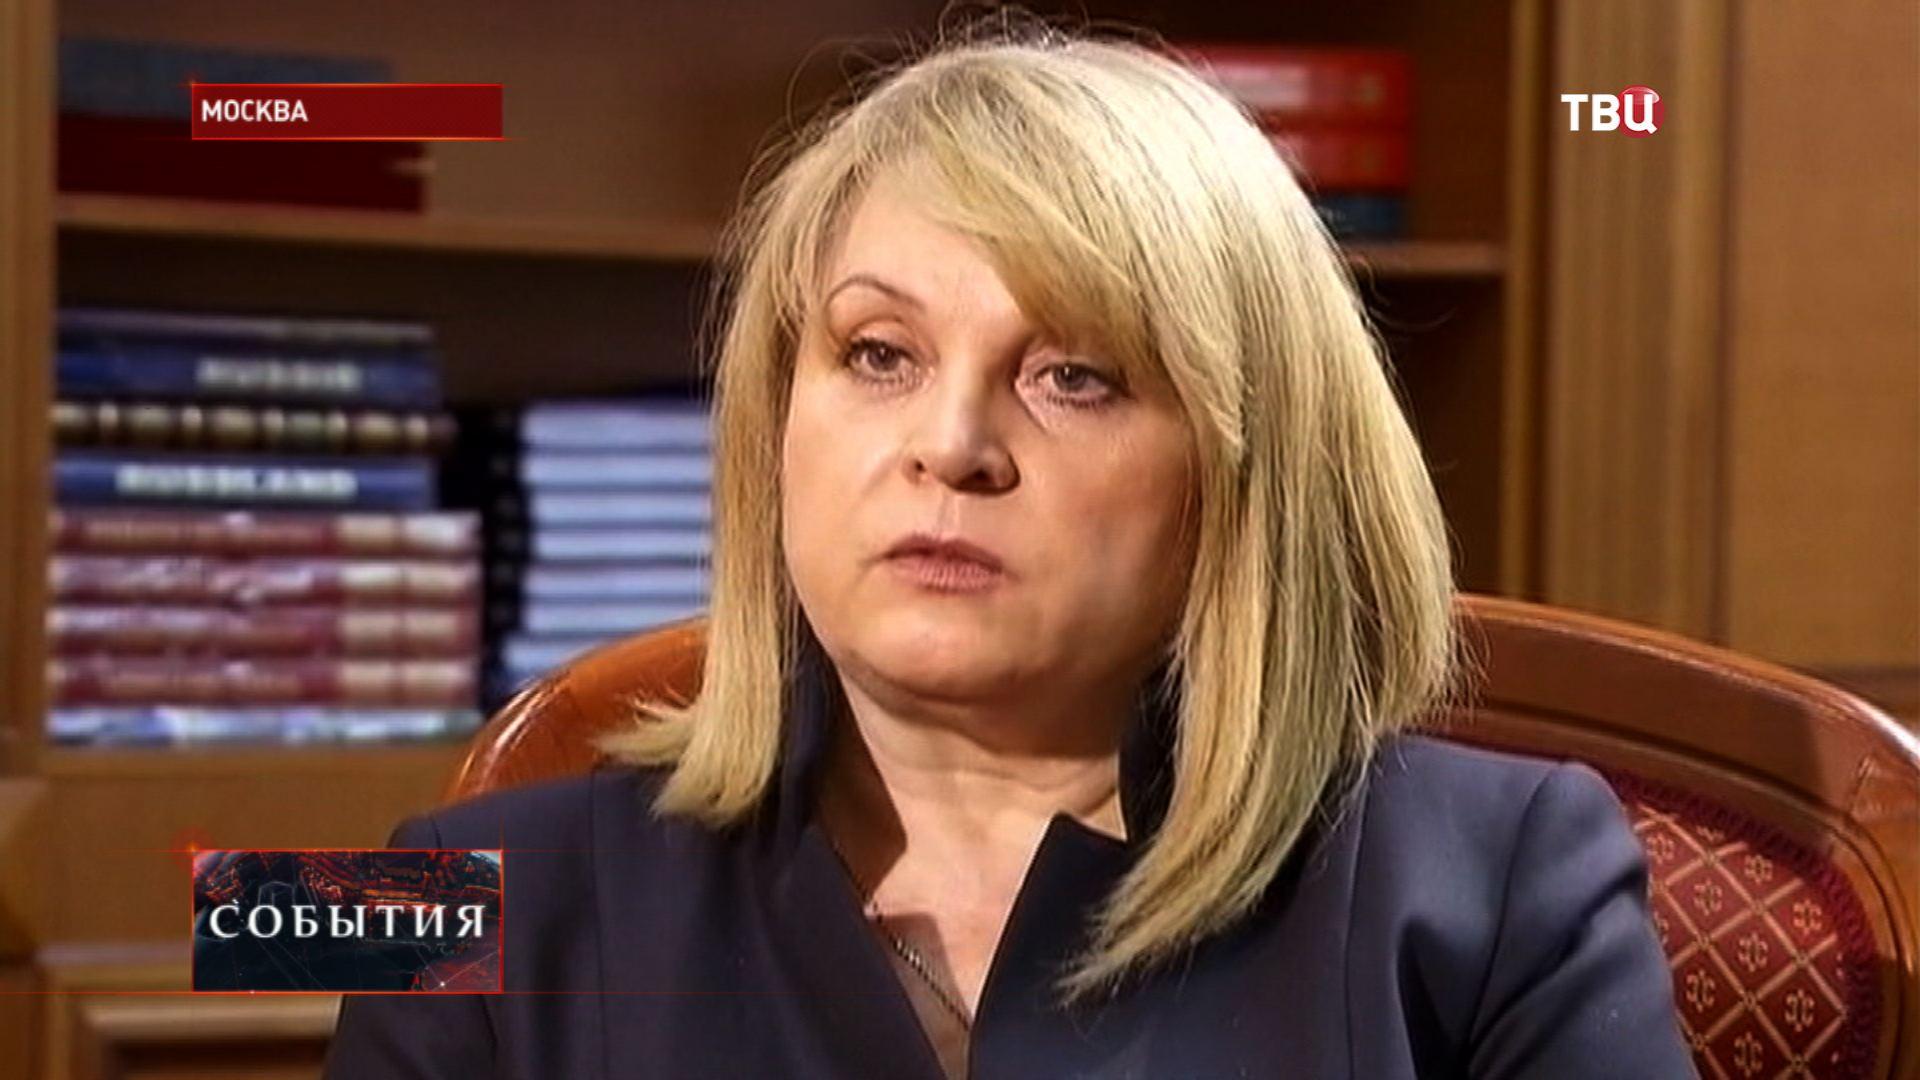 Уполномоченный по правам человека в РФ Элла Памфилова